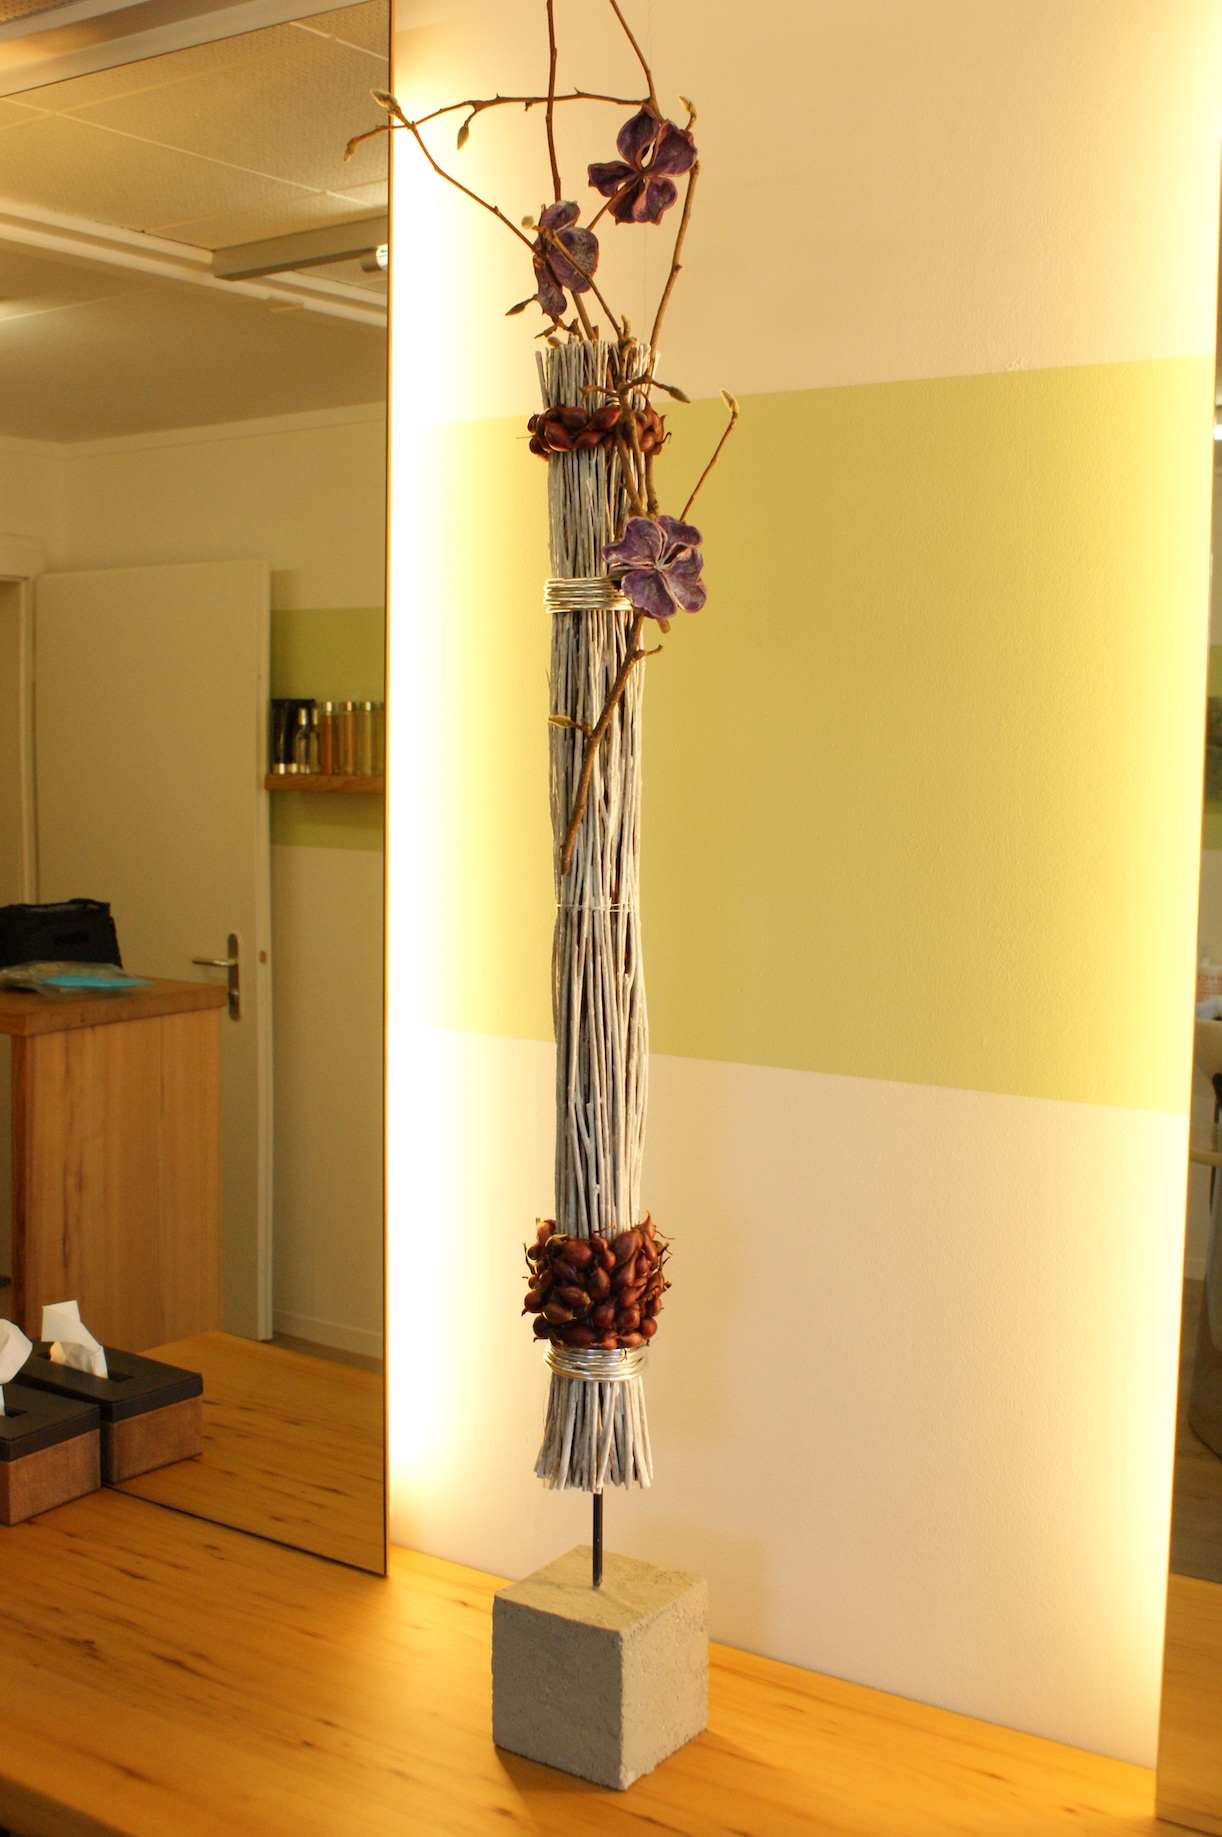 Raumgestaltung holzbund braun pflanze rot braun aeste for Raumgestaltung 24